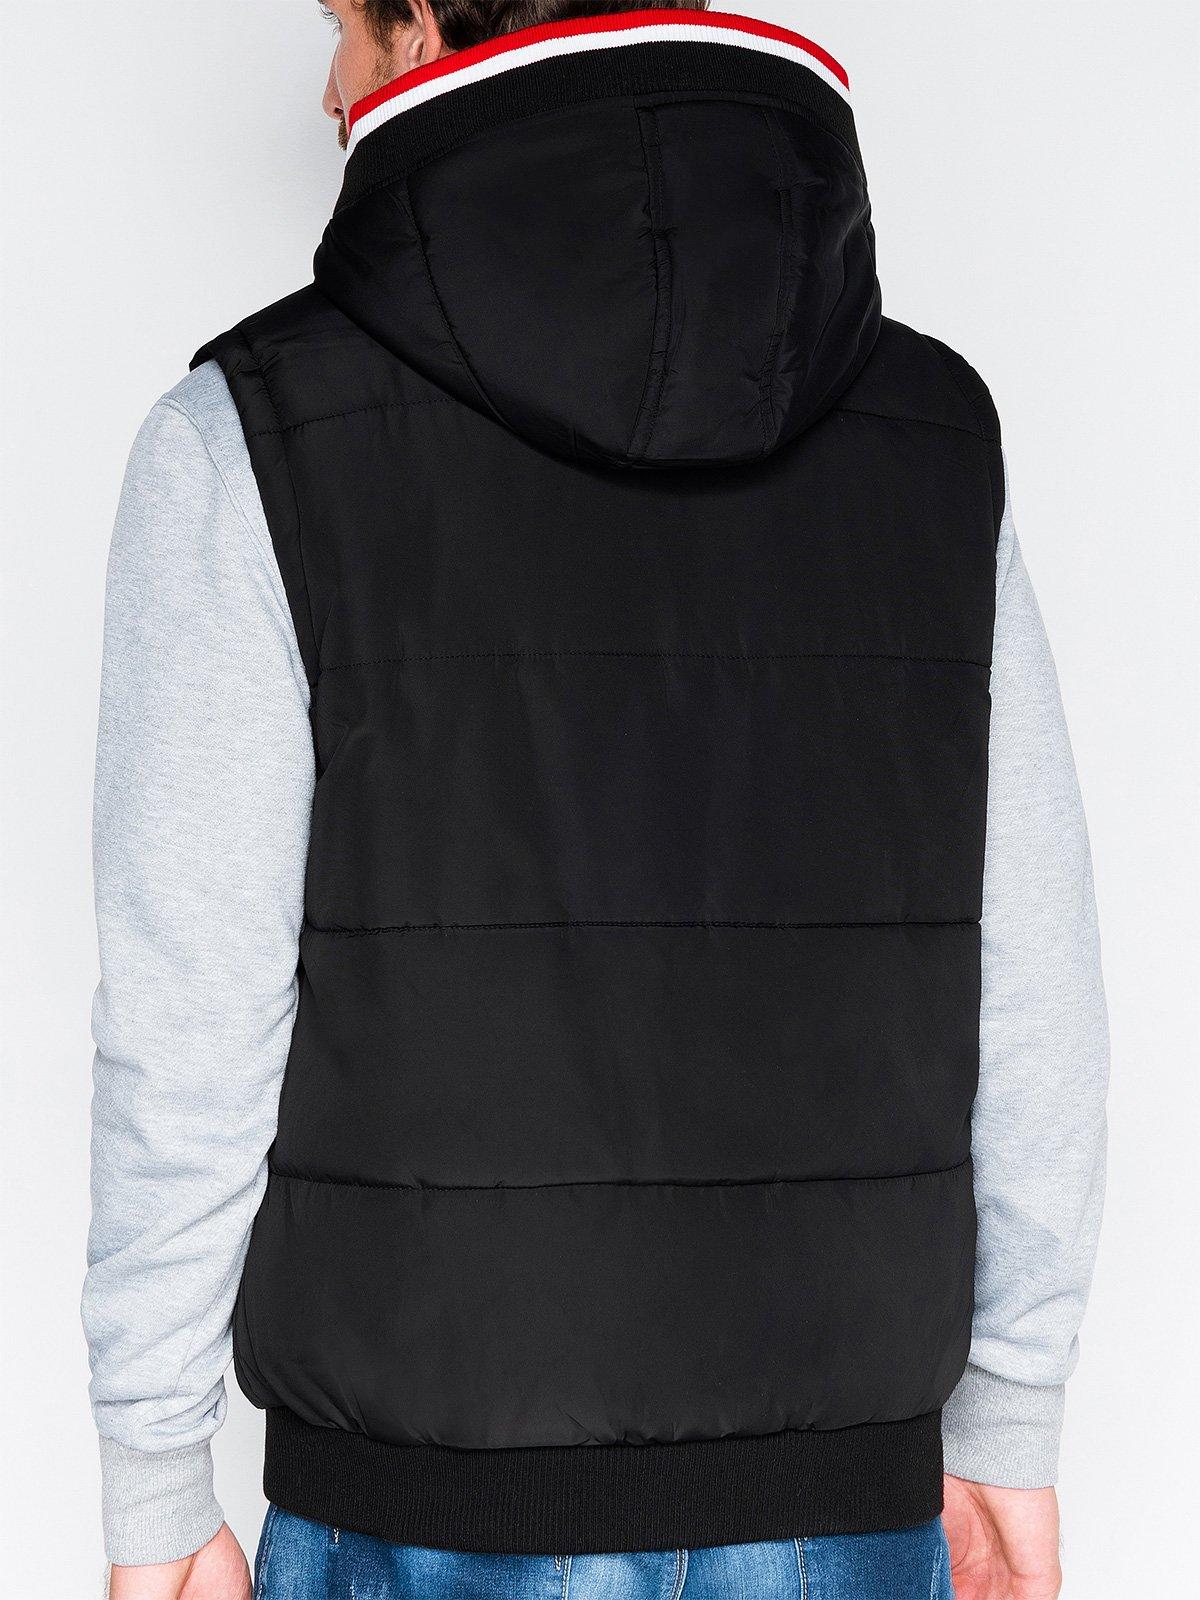 BezrĘkawnik MĘski Pikowany V23 - Czarny